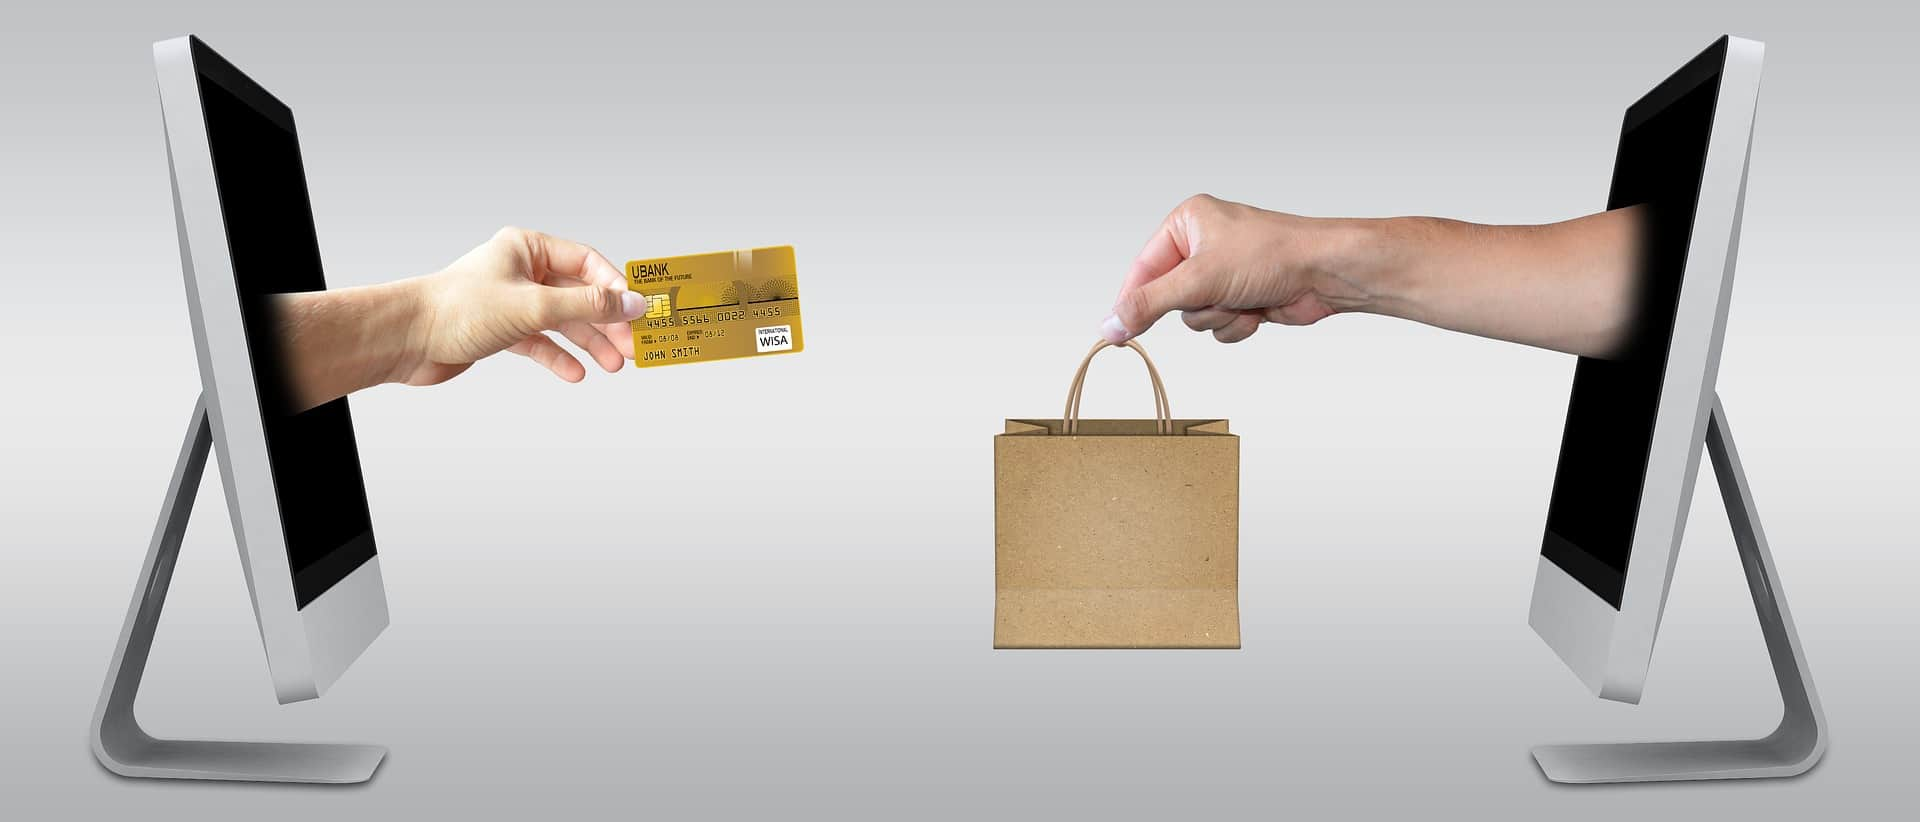 כיצד לקדם חנות אינטרנטית